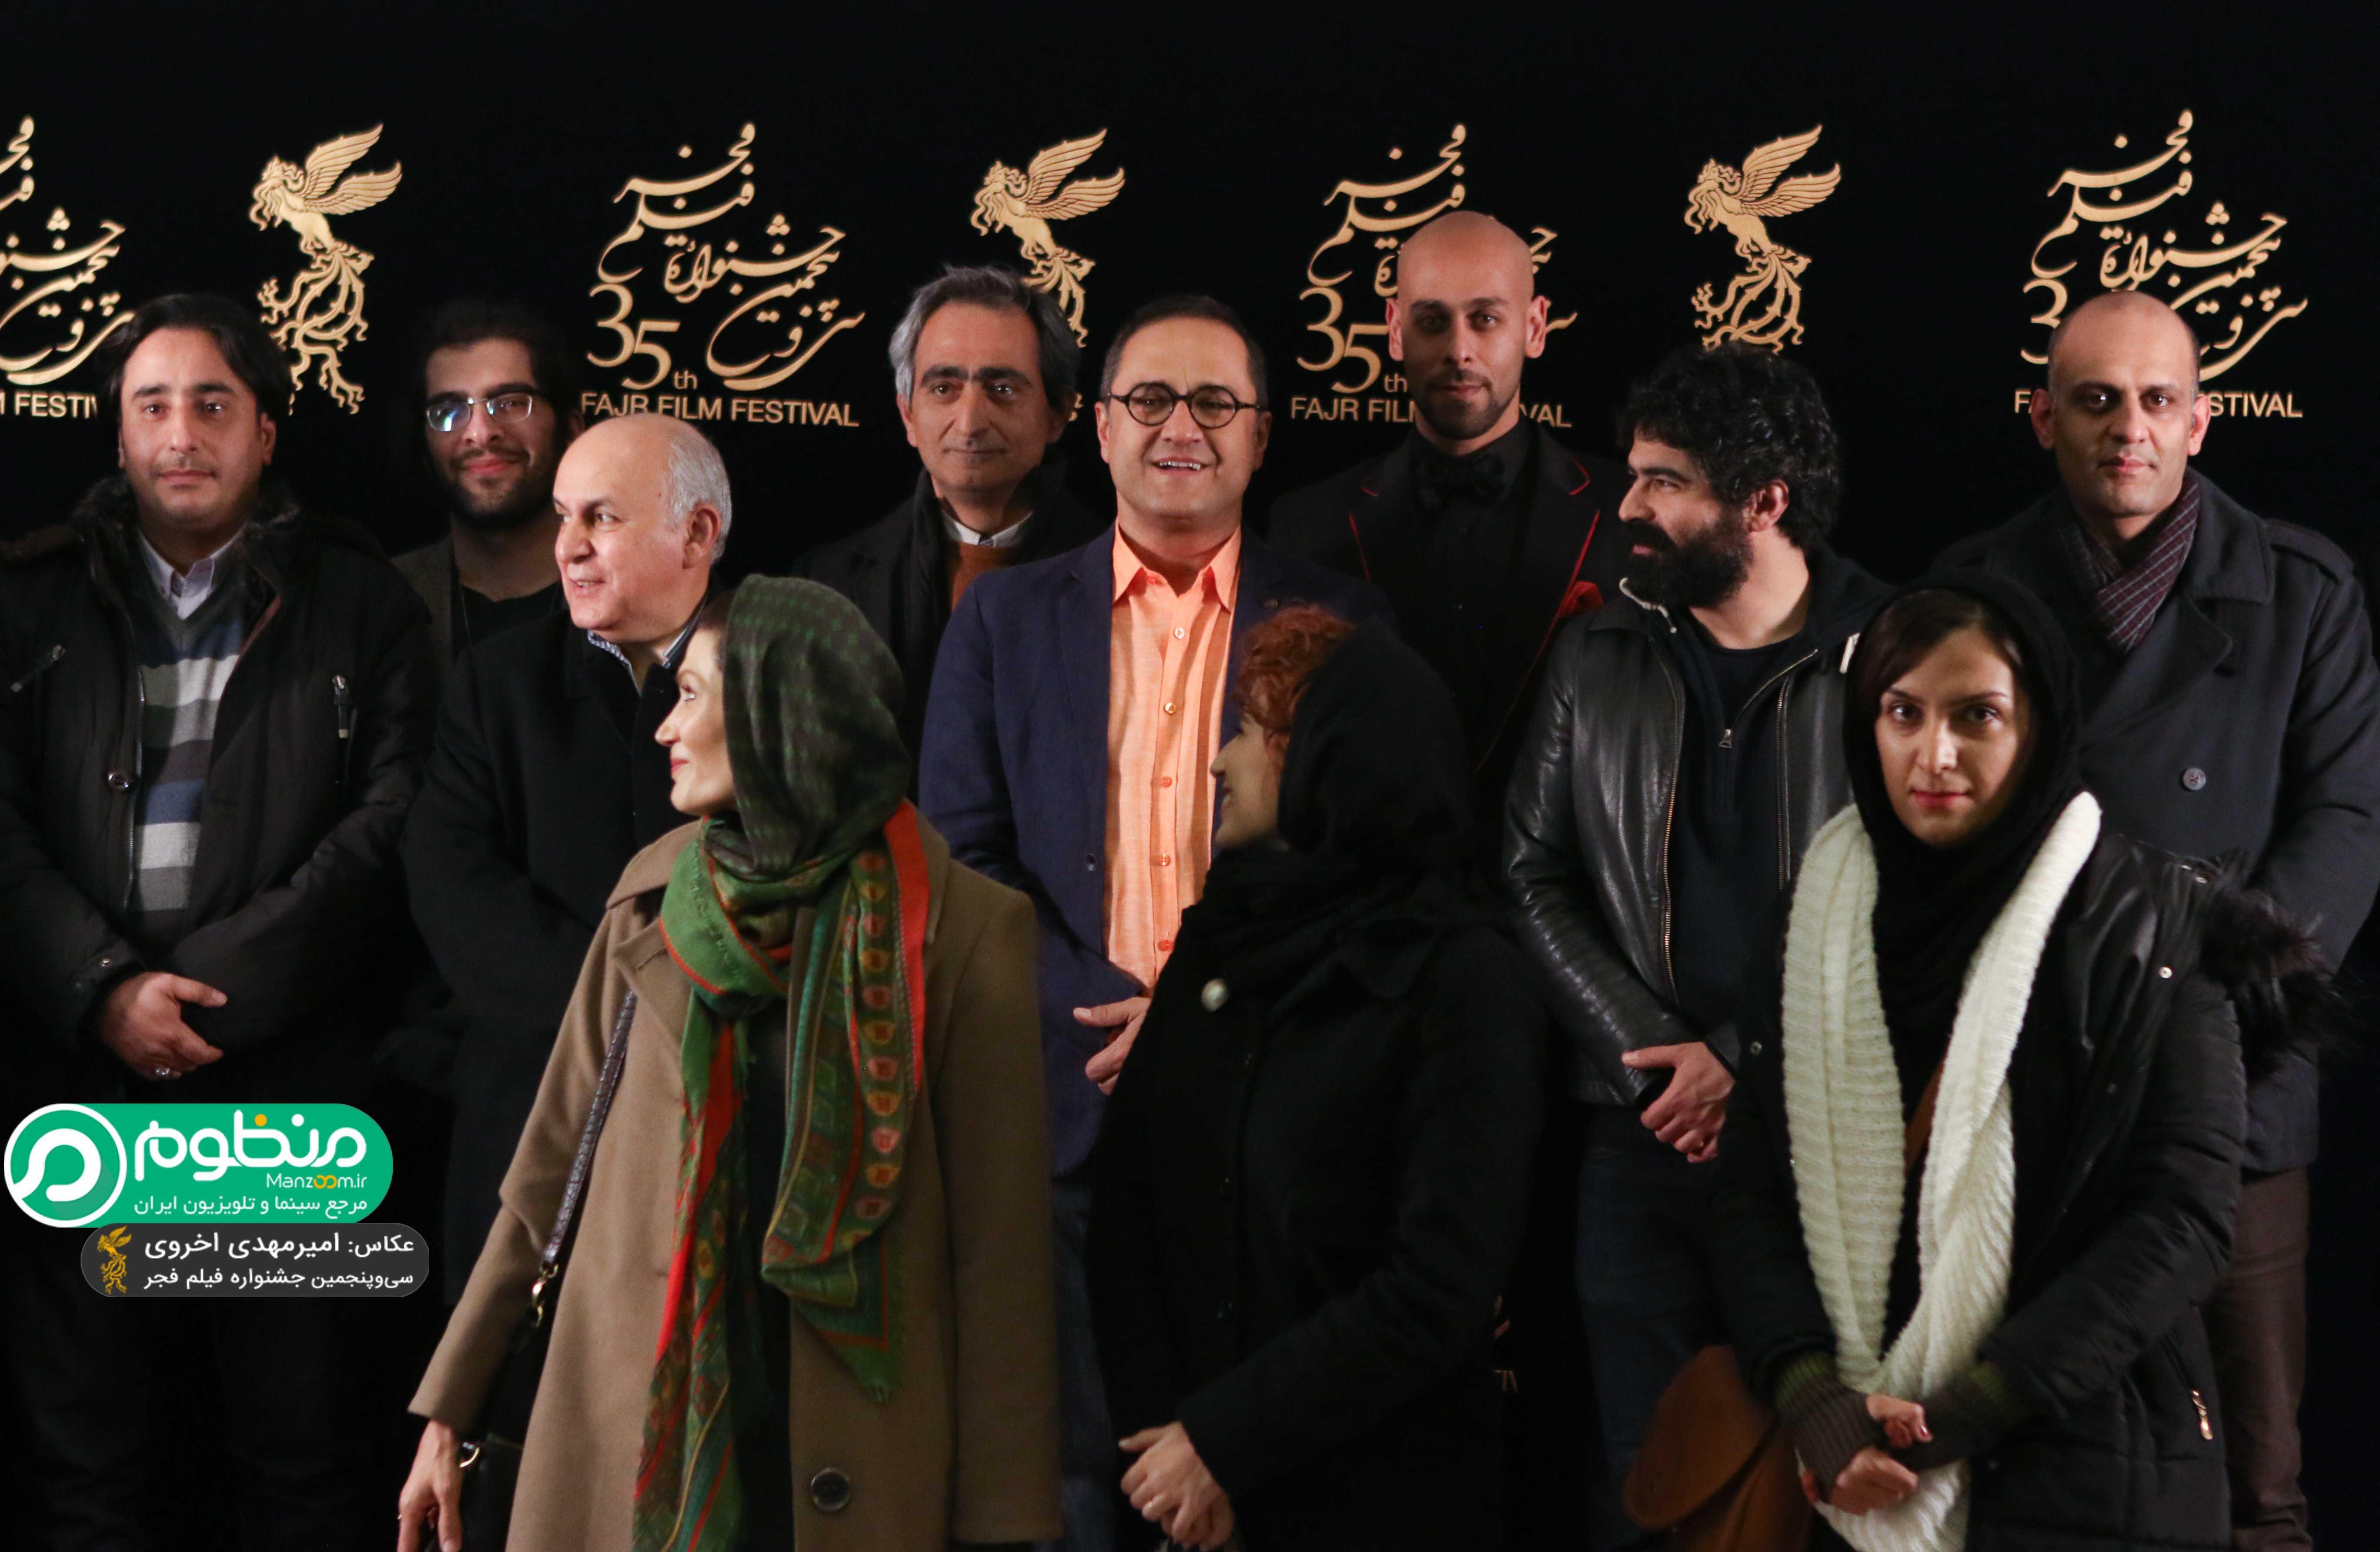 بهرام بدخشانی در اکران افتتاحیه فیلم سینمایی نگار به همراه رامبد جوان